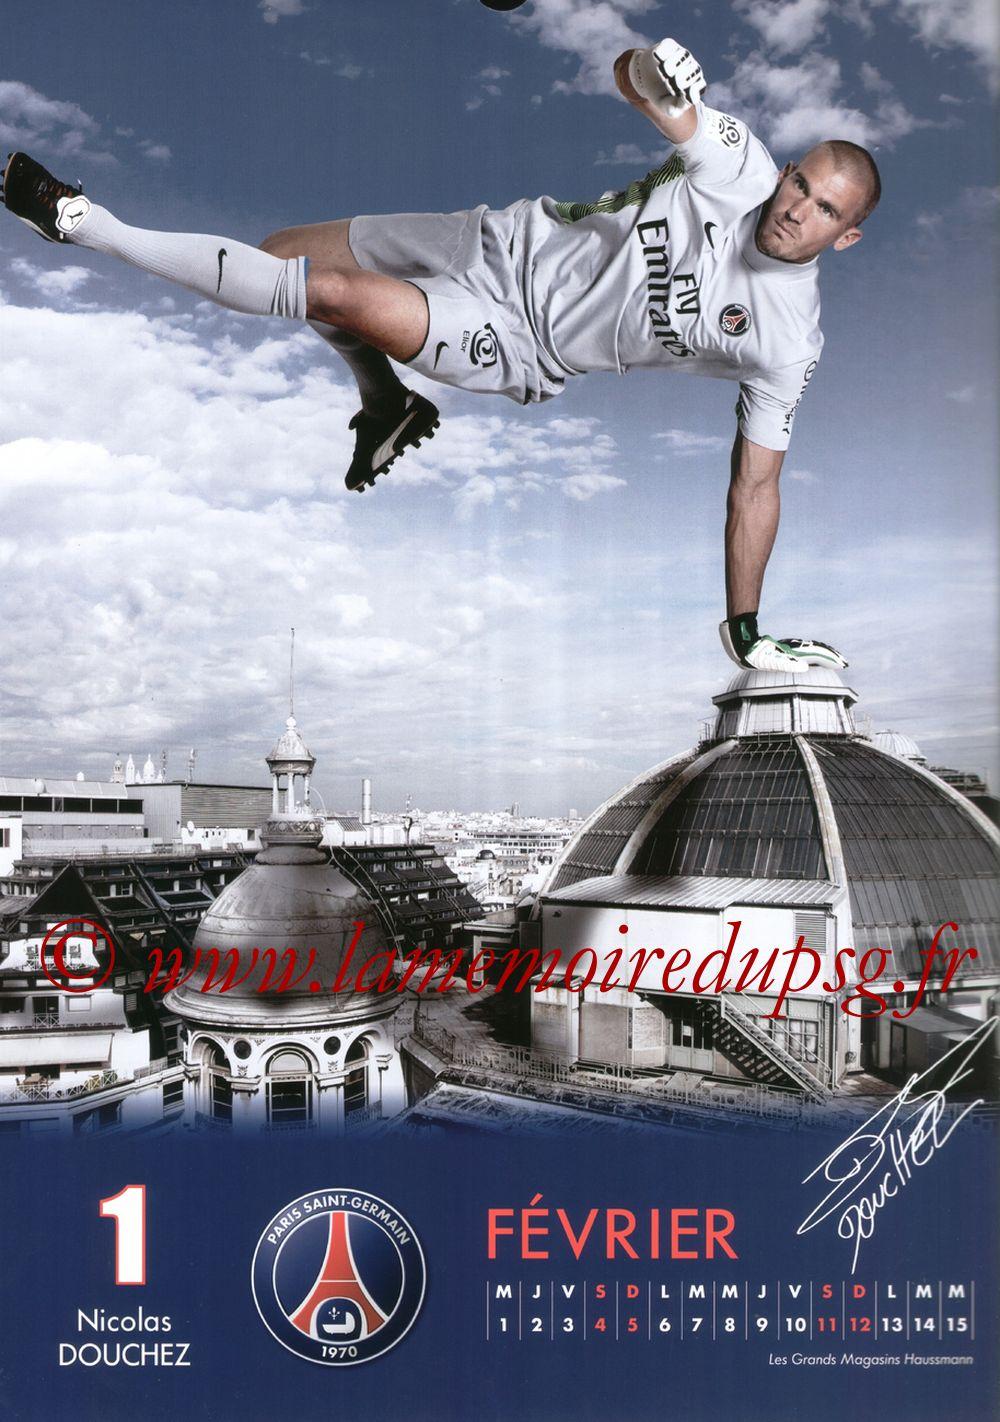 Calendrier PSG 2012 - Page 03 - Nicolas DOUCHEZ